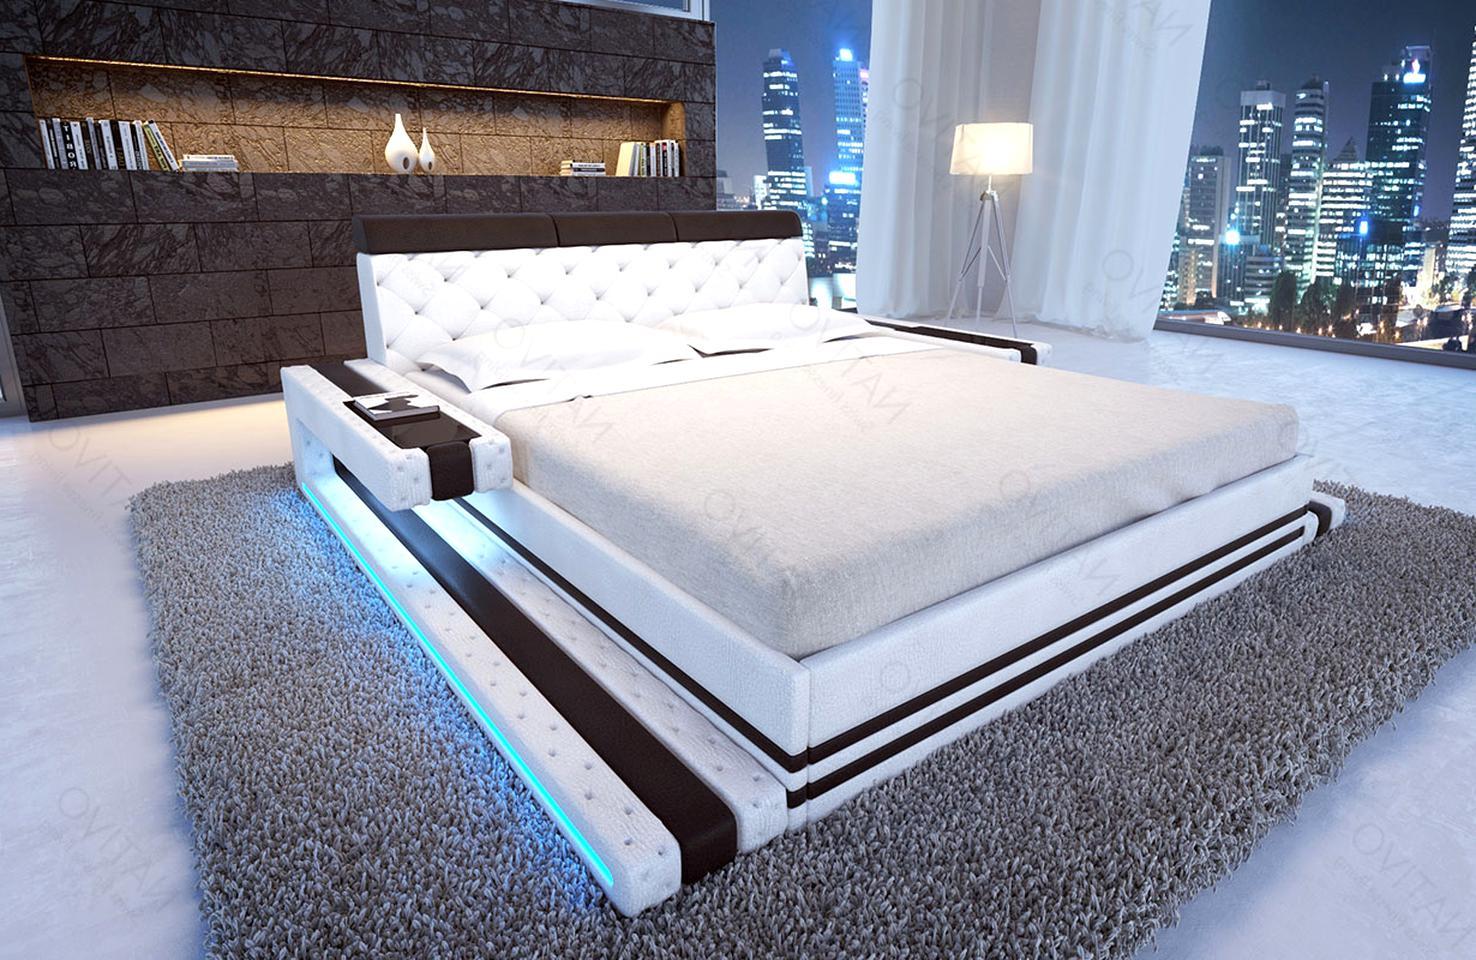 Full Size of Gebrauchte Betten Designer Bett Gebraucht Kaufen 3 St Bis 60 Gnstiger 90x200 Xxl Bonprix 140x200 Weiß Massivholz Balinesische Ebay 180x200 Dico Französische Bett Gebrauchte Betten